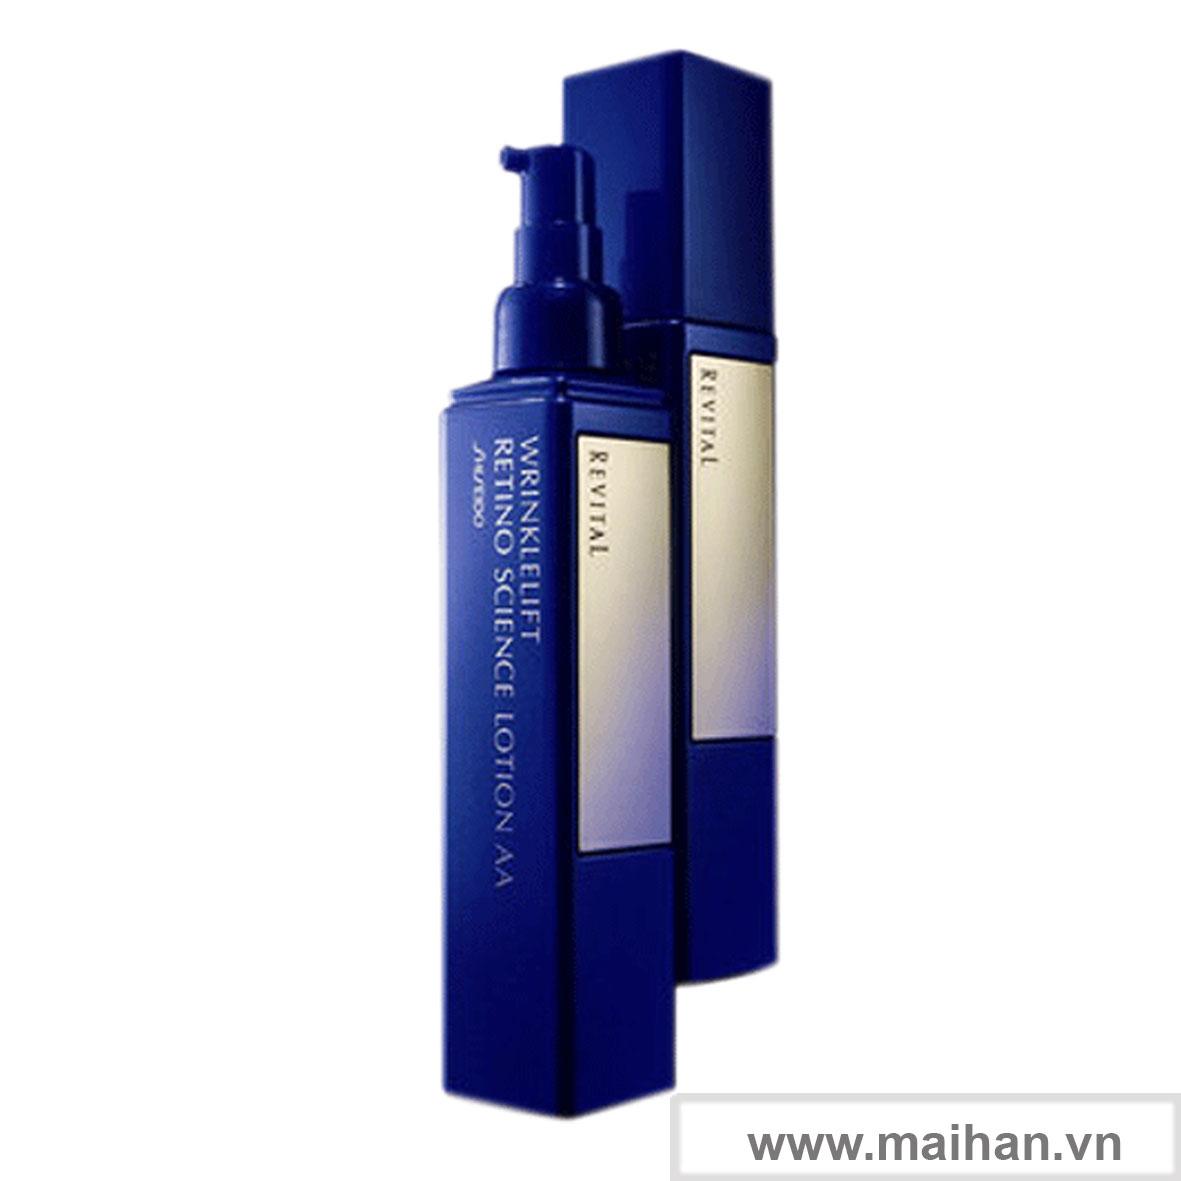 Kem Chống Nhăn Vùng Mắt Shiseido Kem Chống Nhăn Shiseido